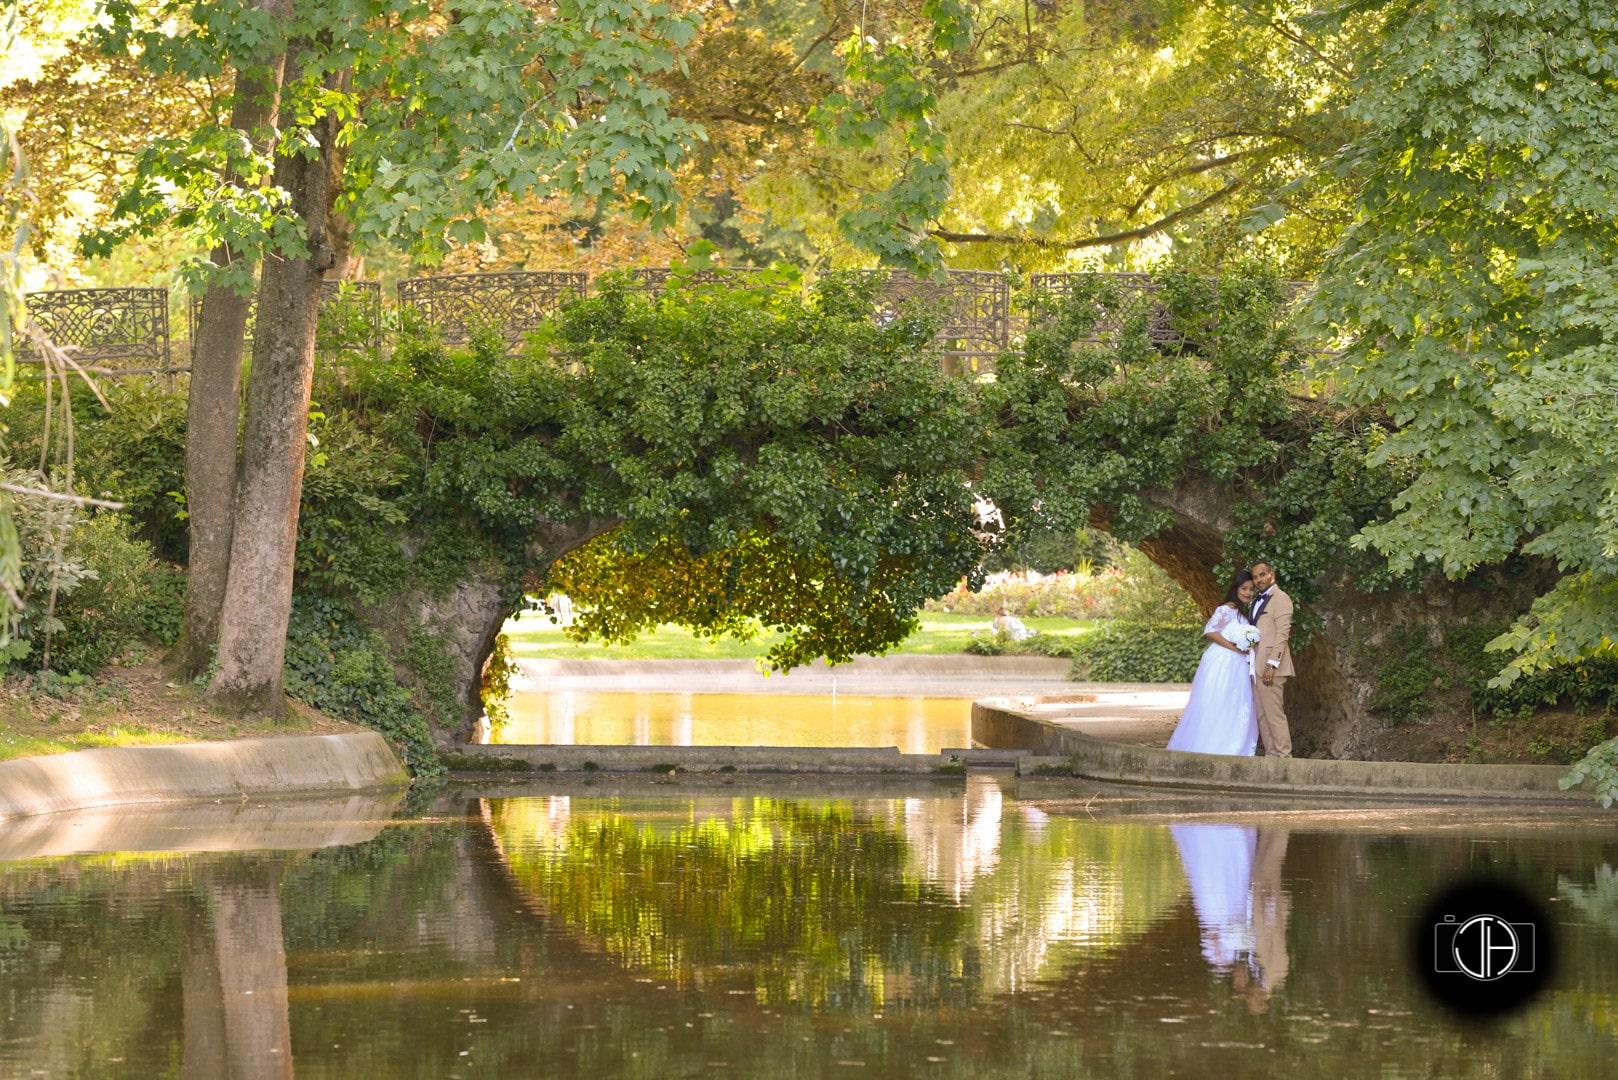 Quel Parc choisir pour des photos de mariage dans le centre ville de Toulouse ?